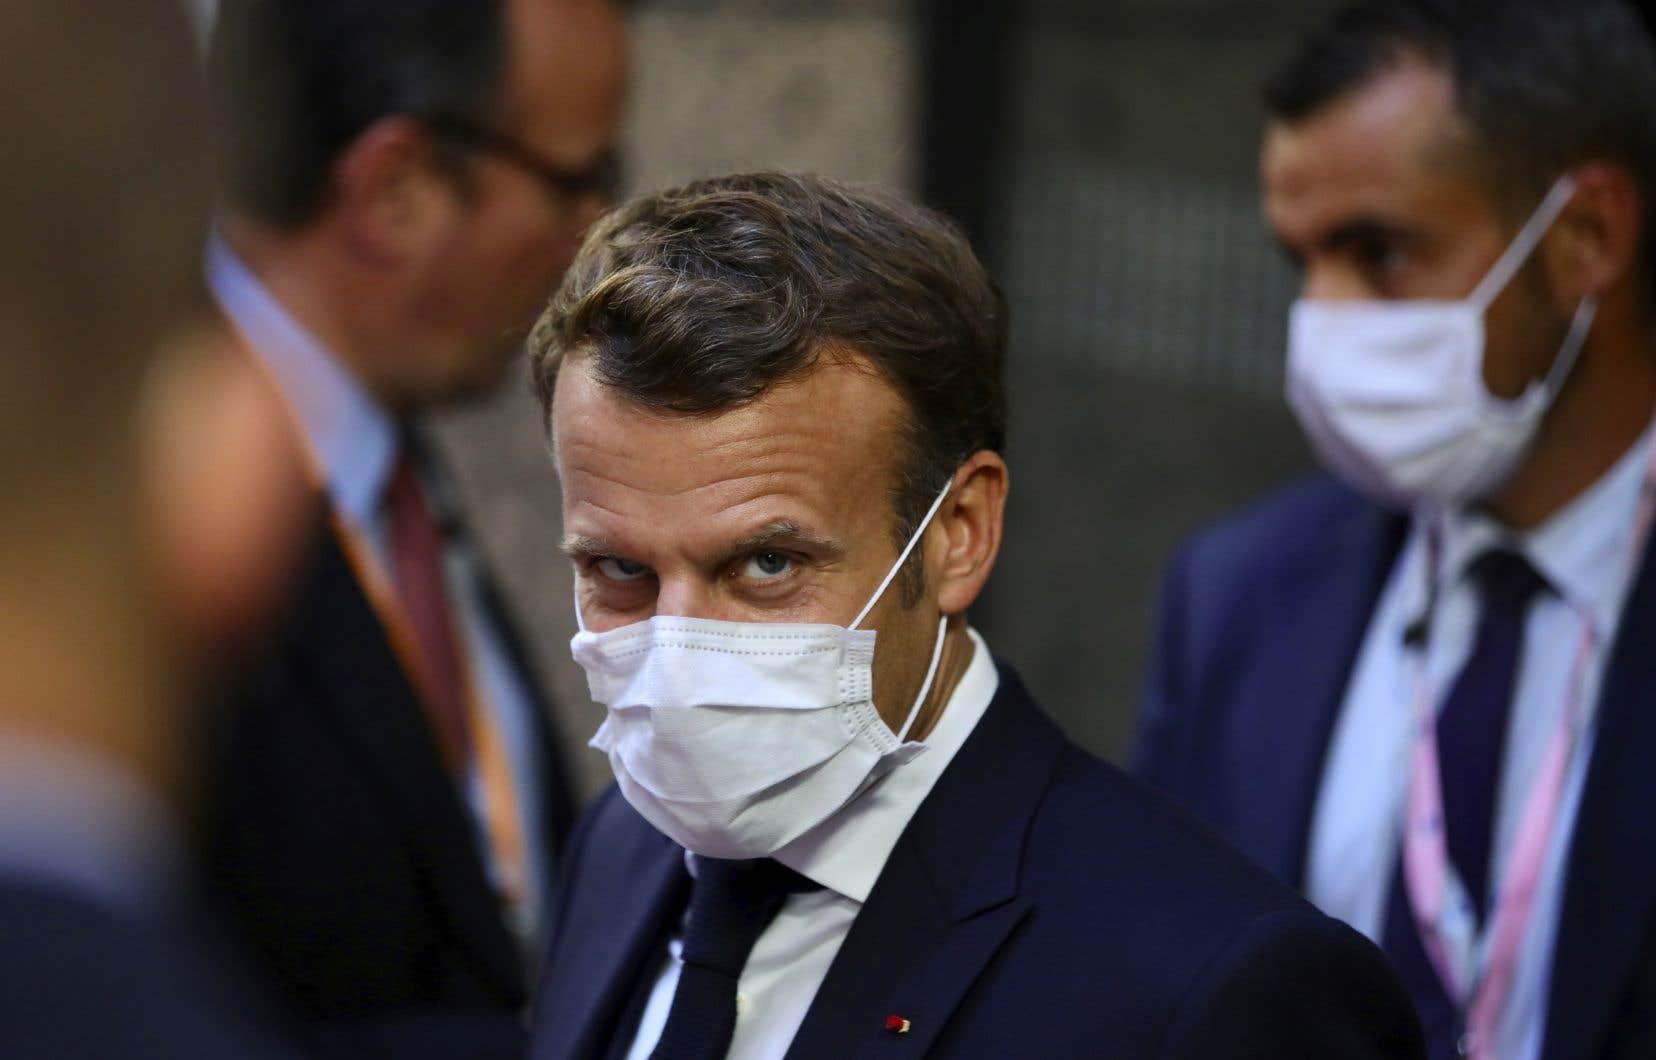 Premier dirigeant à se rendre dans la capitale libanaise après l'explosion meurtrière, il avait déjà promis jeudi une aide rapide et massive de la communauté internationale.